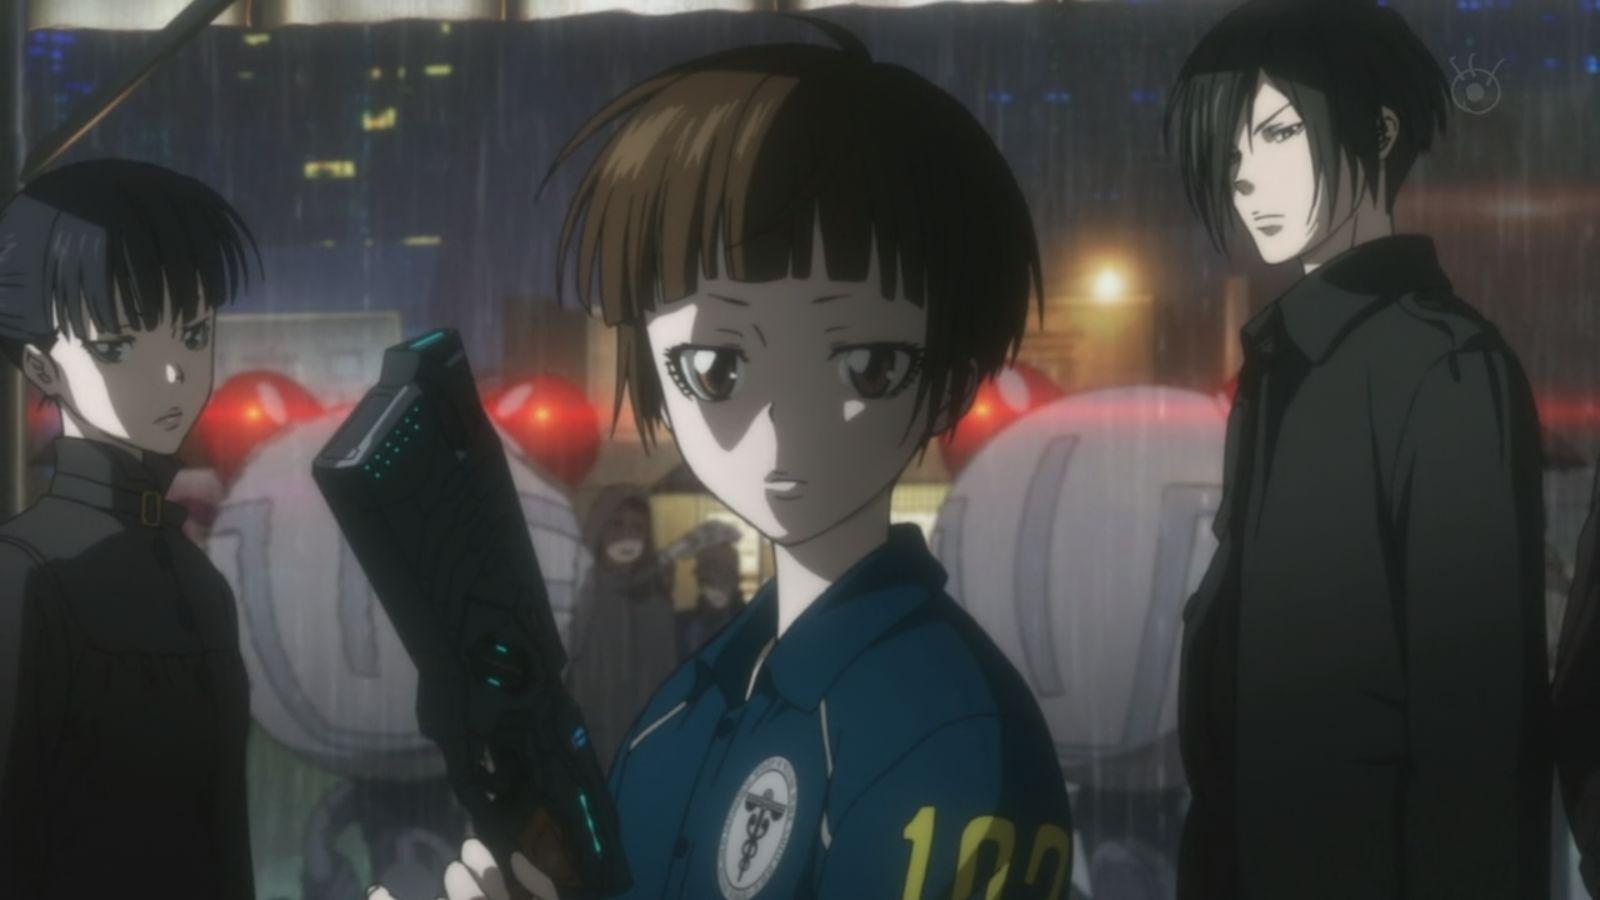 Shinya Kougami, Psycho-Pass, Film Noir